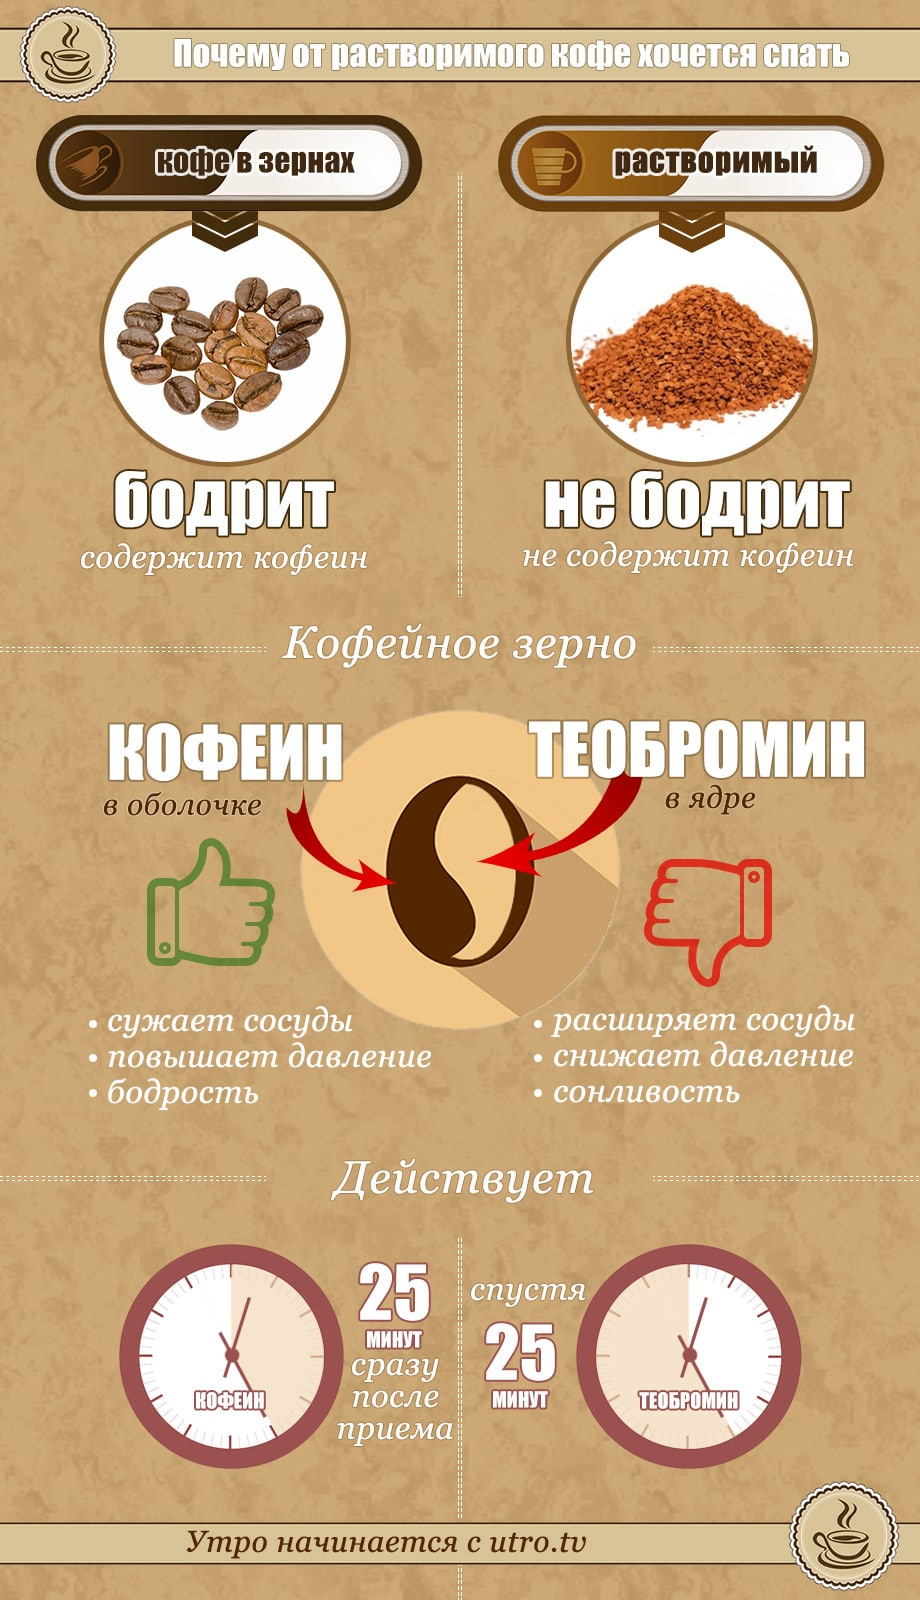 Кофе при диете: разрешенные рецепты для похудения